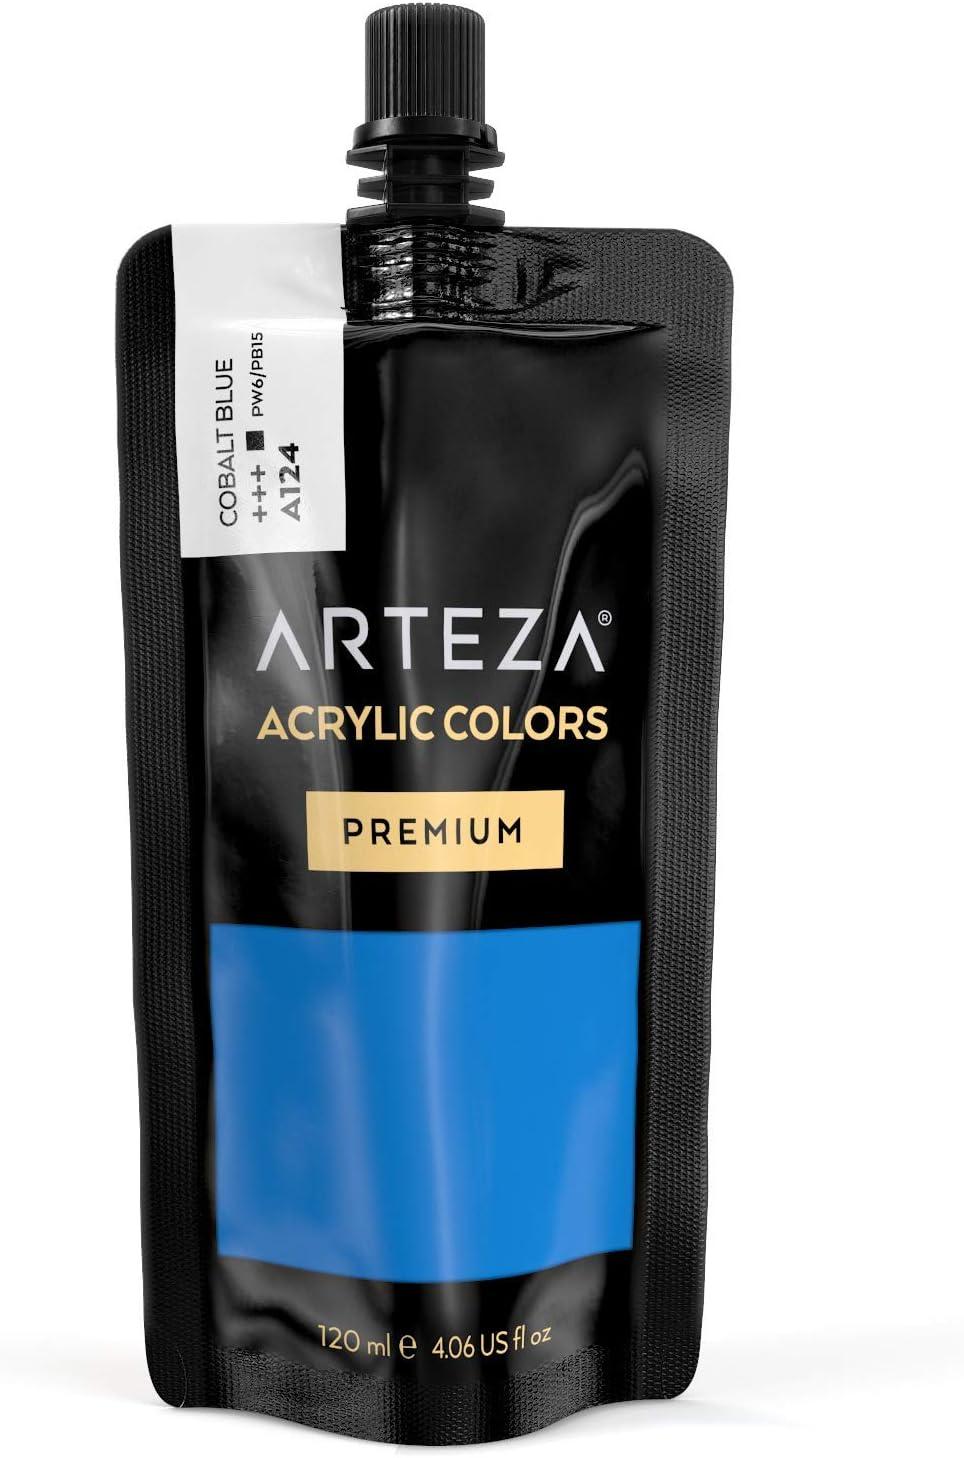 ARTEZA Acrylic Paint Cobalt Blue Color (120 ml Pouch, Tube), Rich Pigment, Non Fading, Non Toxic, Single Color Paint for Artists, Hobby Painters & Kids